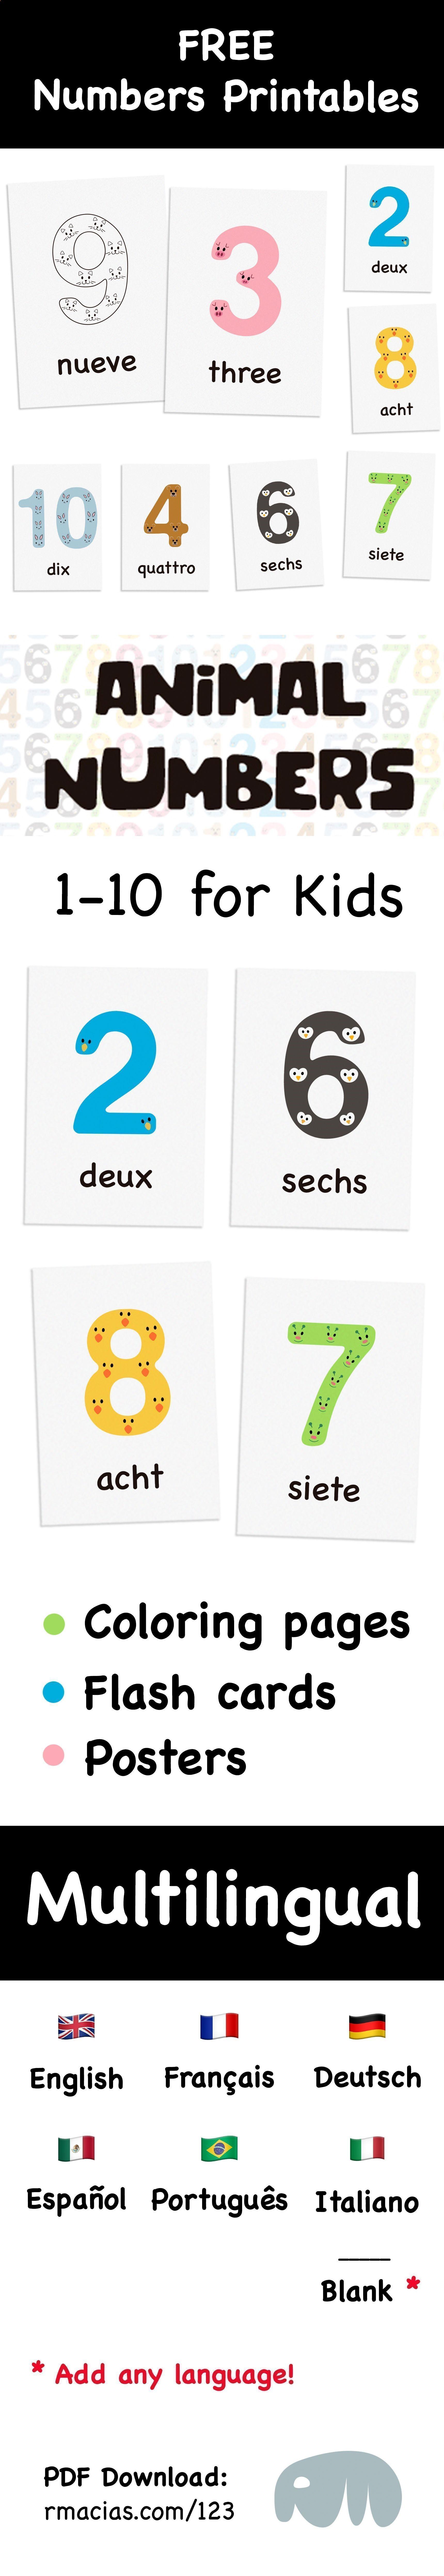 1 10 Animal Numbers For Preschool Kids Free Multilingual